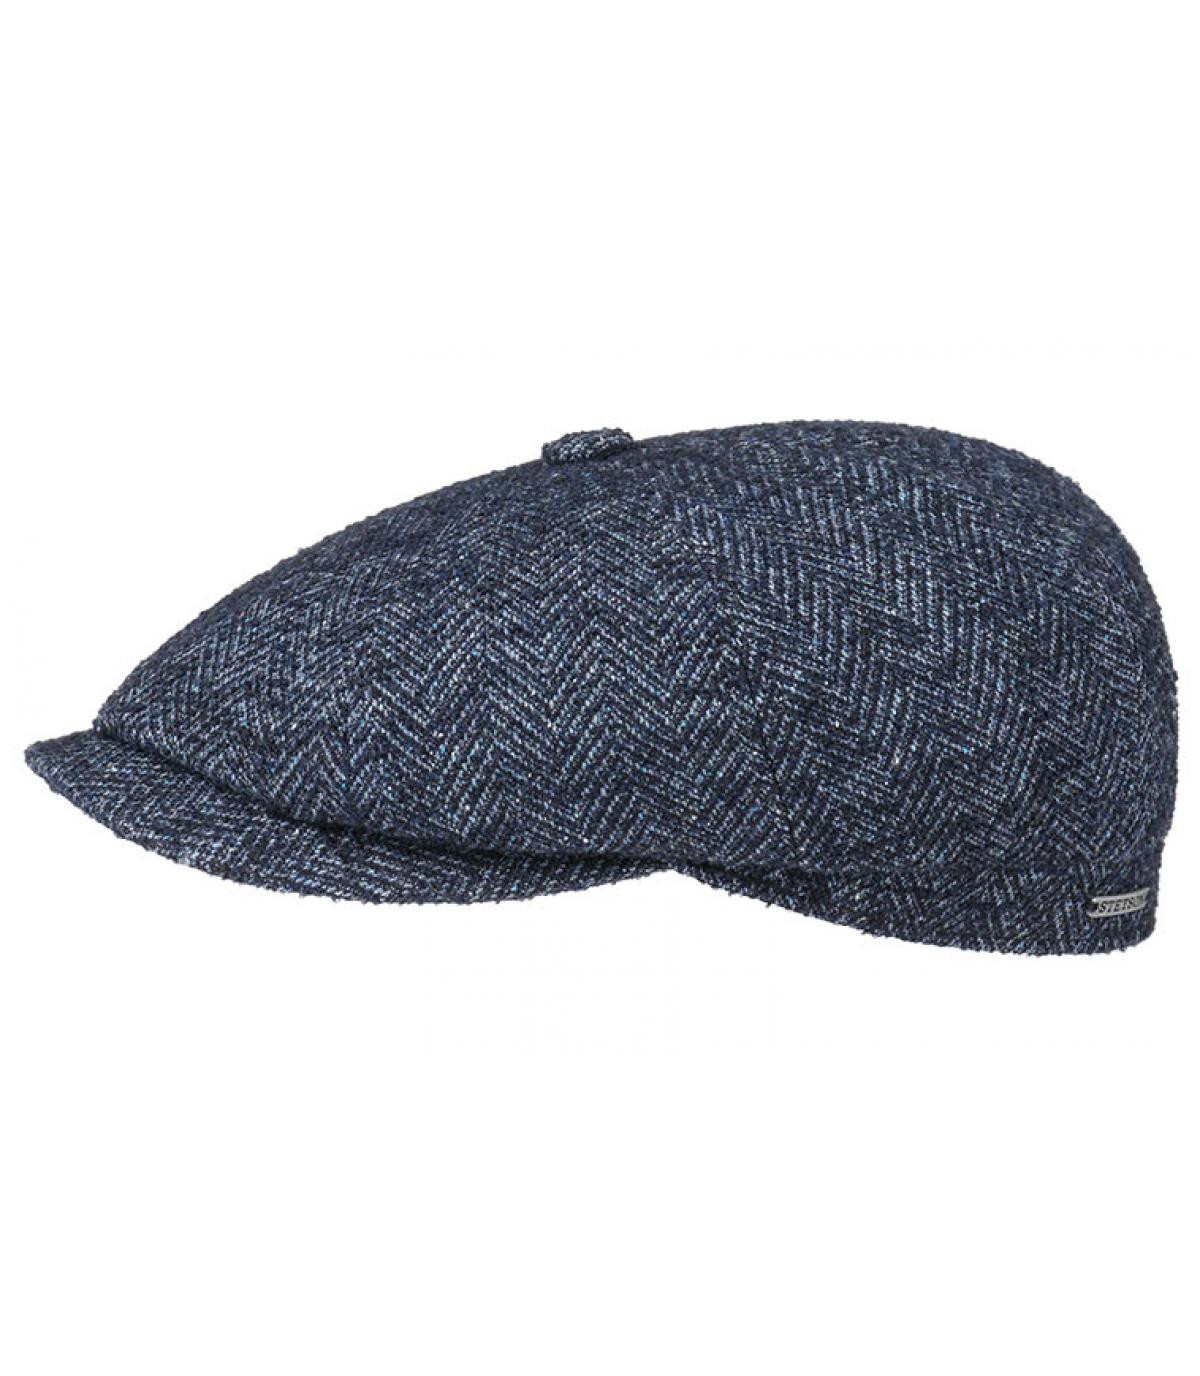 Détails Hatteras Virgin Wool blue herringbone - image 2